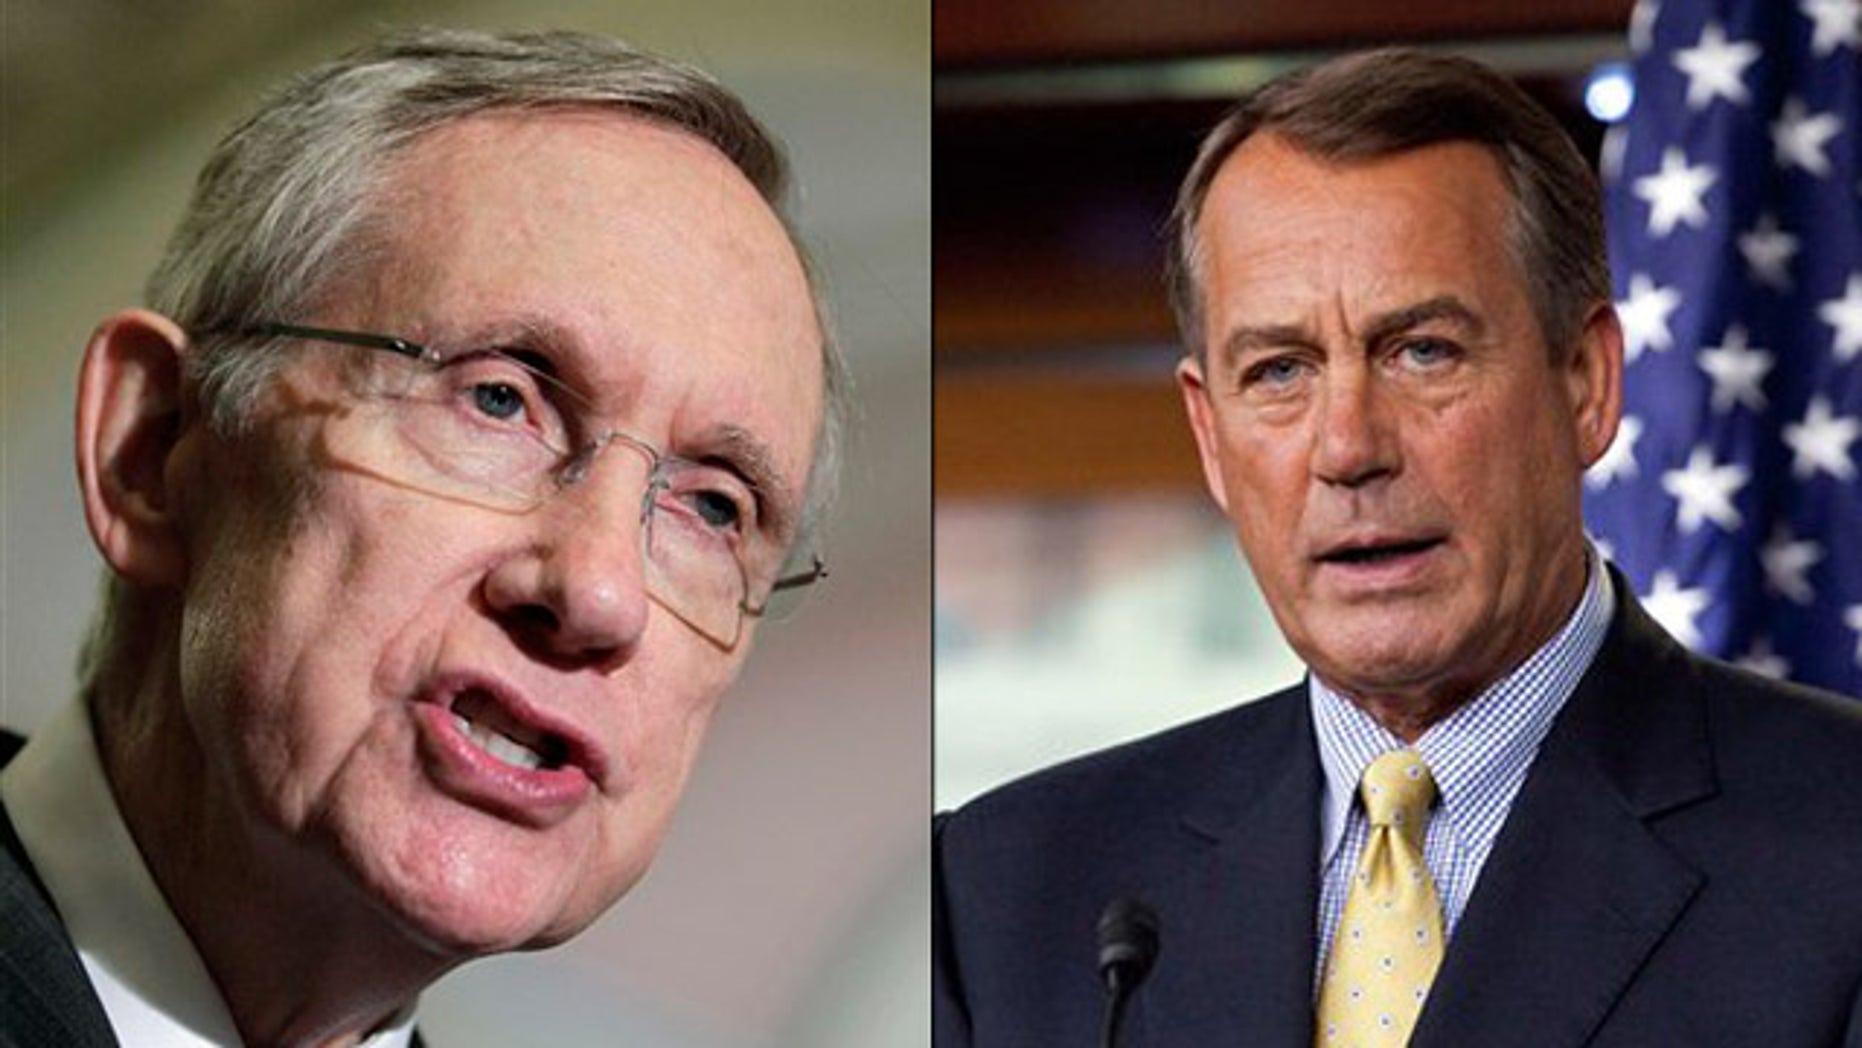 Shown here are Senate Majority Leader Harry Reid, left, and House Speaker John Boehner.